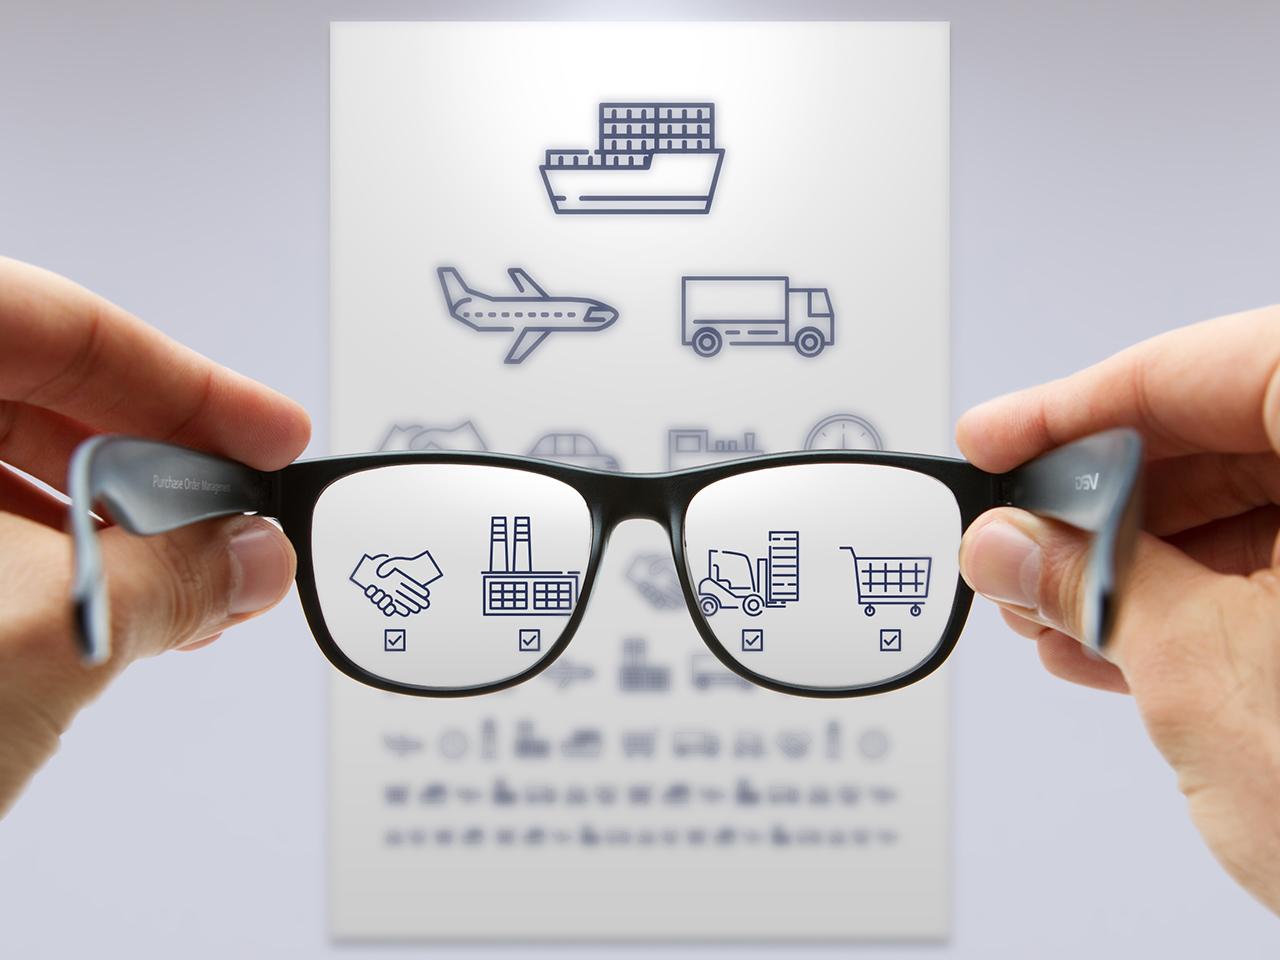 DSV Purchase Order Management